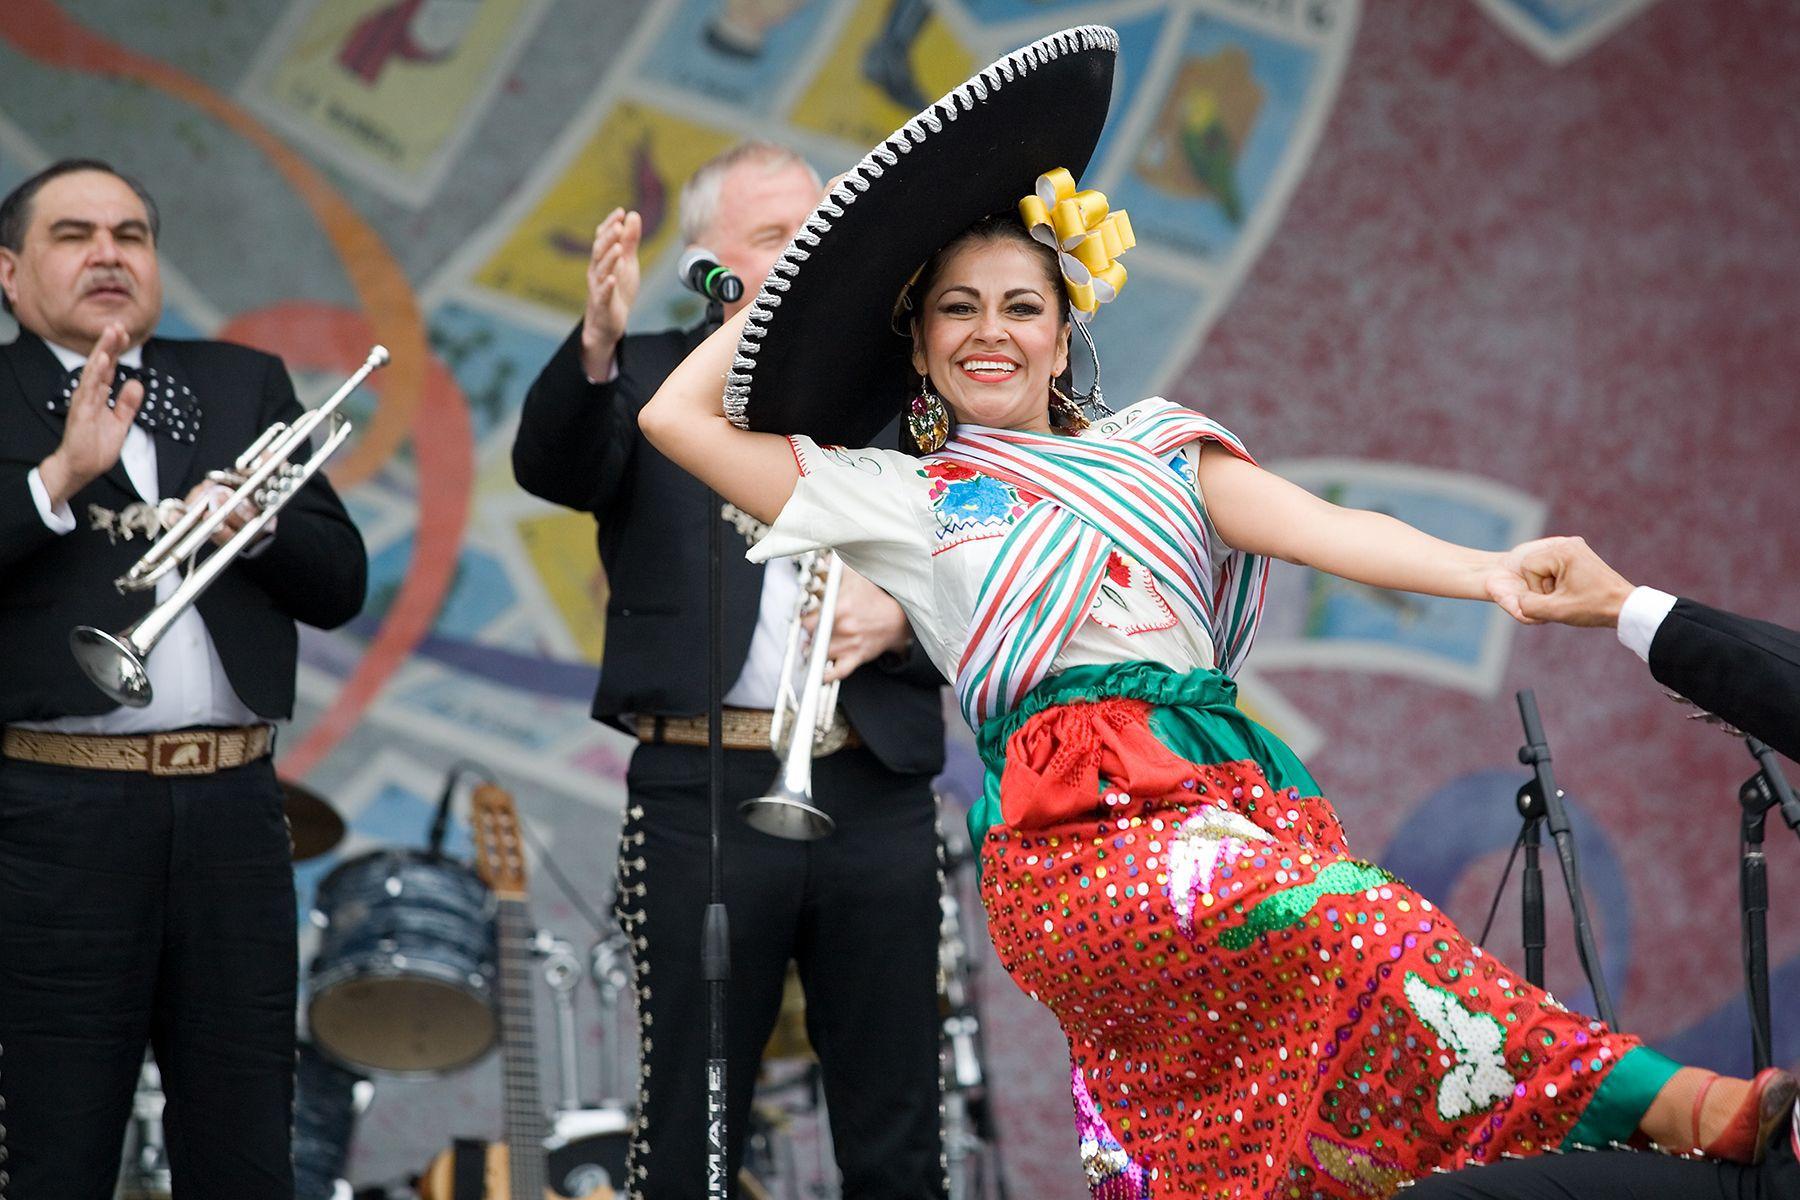 Cinco De Mayo Festival In Washington Dc